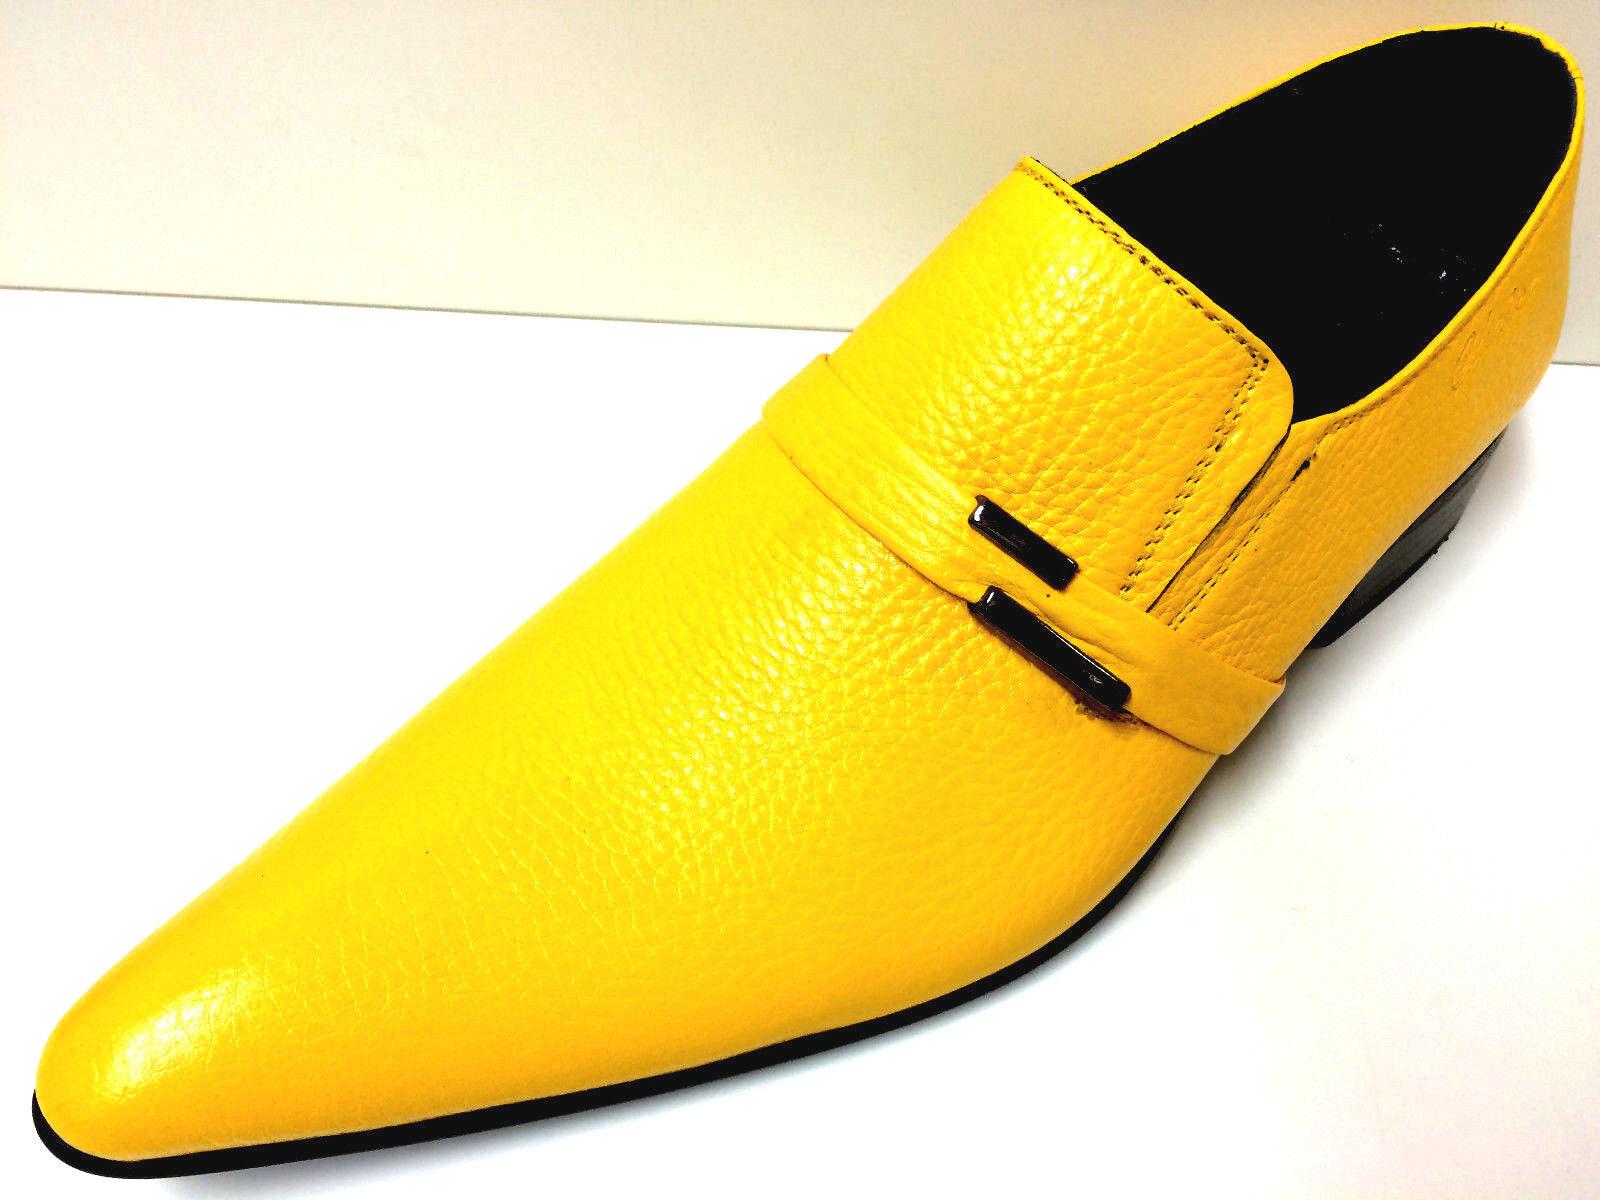 CHELSY yellowE AUSGEFALLENE LEDER HERRENSCHUHE yellow DESIGNER SLIPPER HANDARBEIT 41